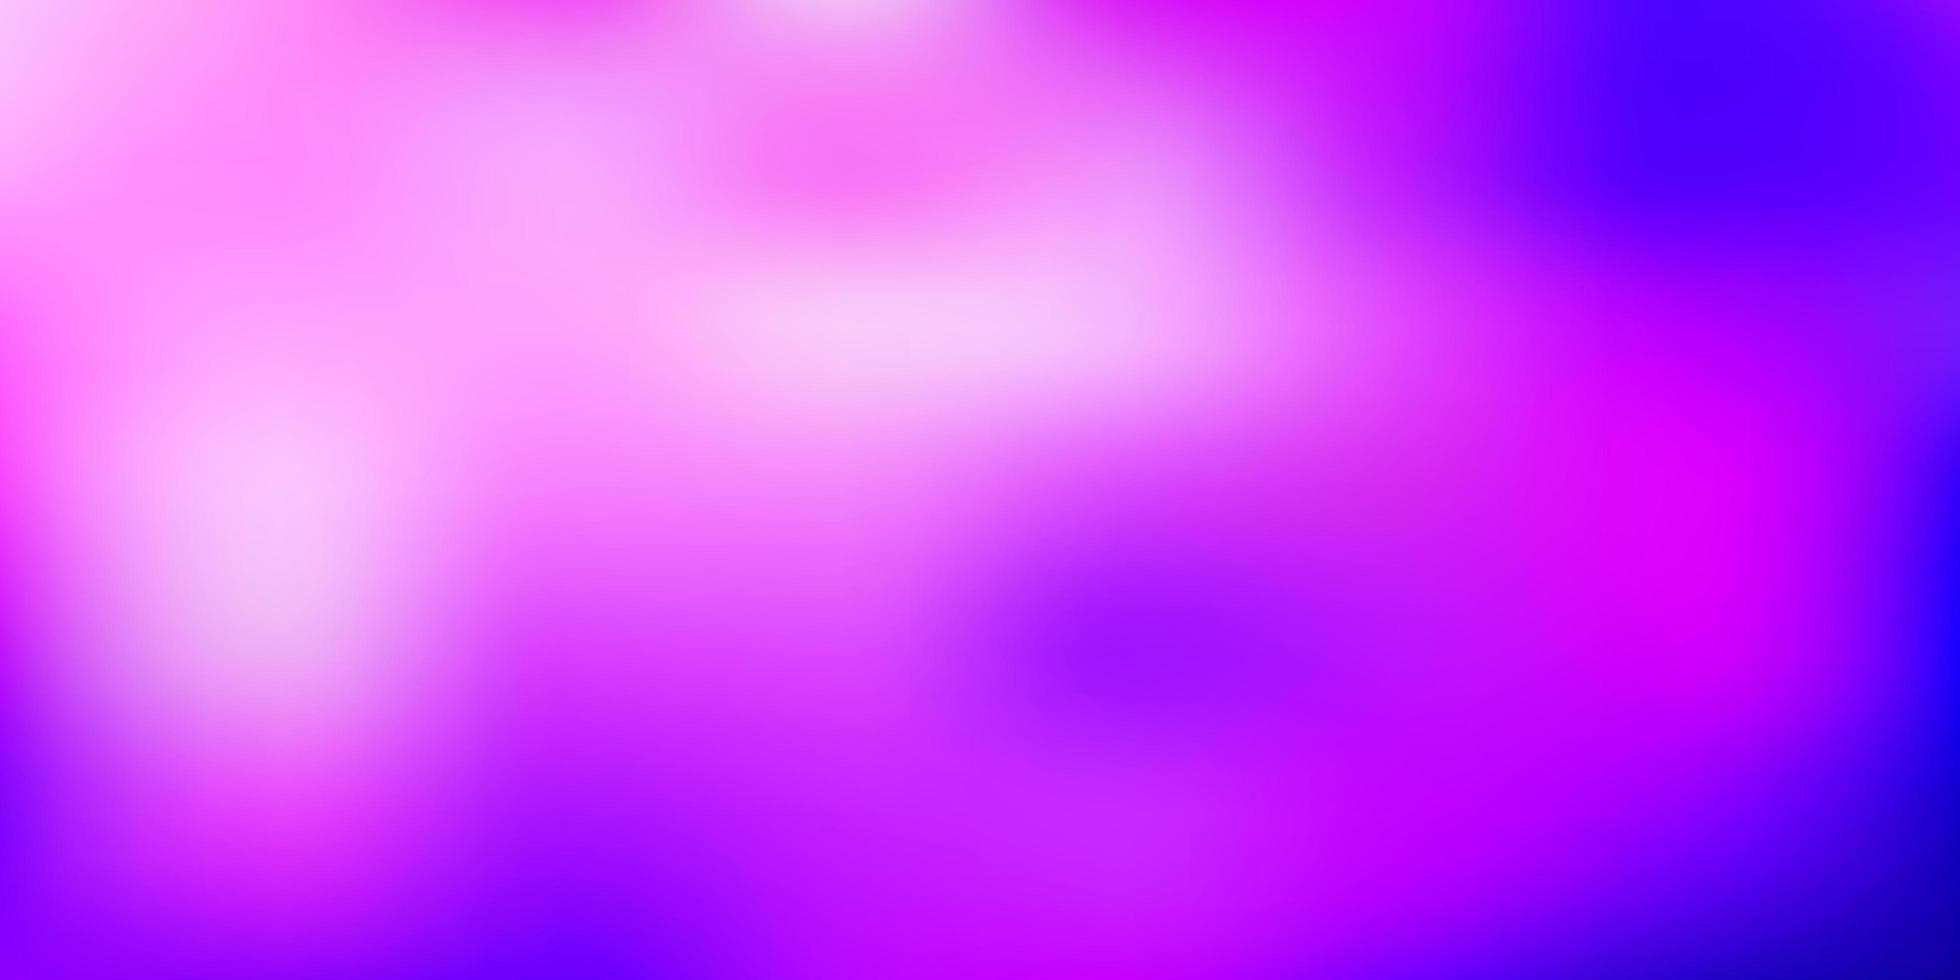 patrón borroso vector púrpura claro.